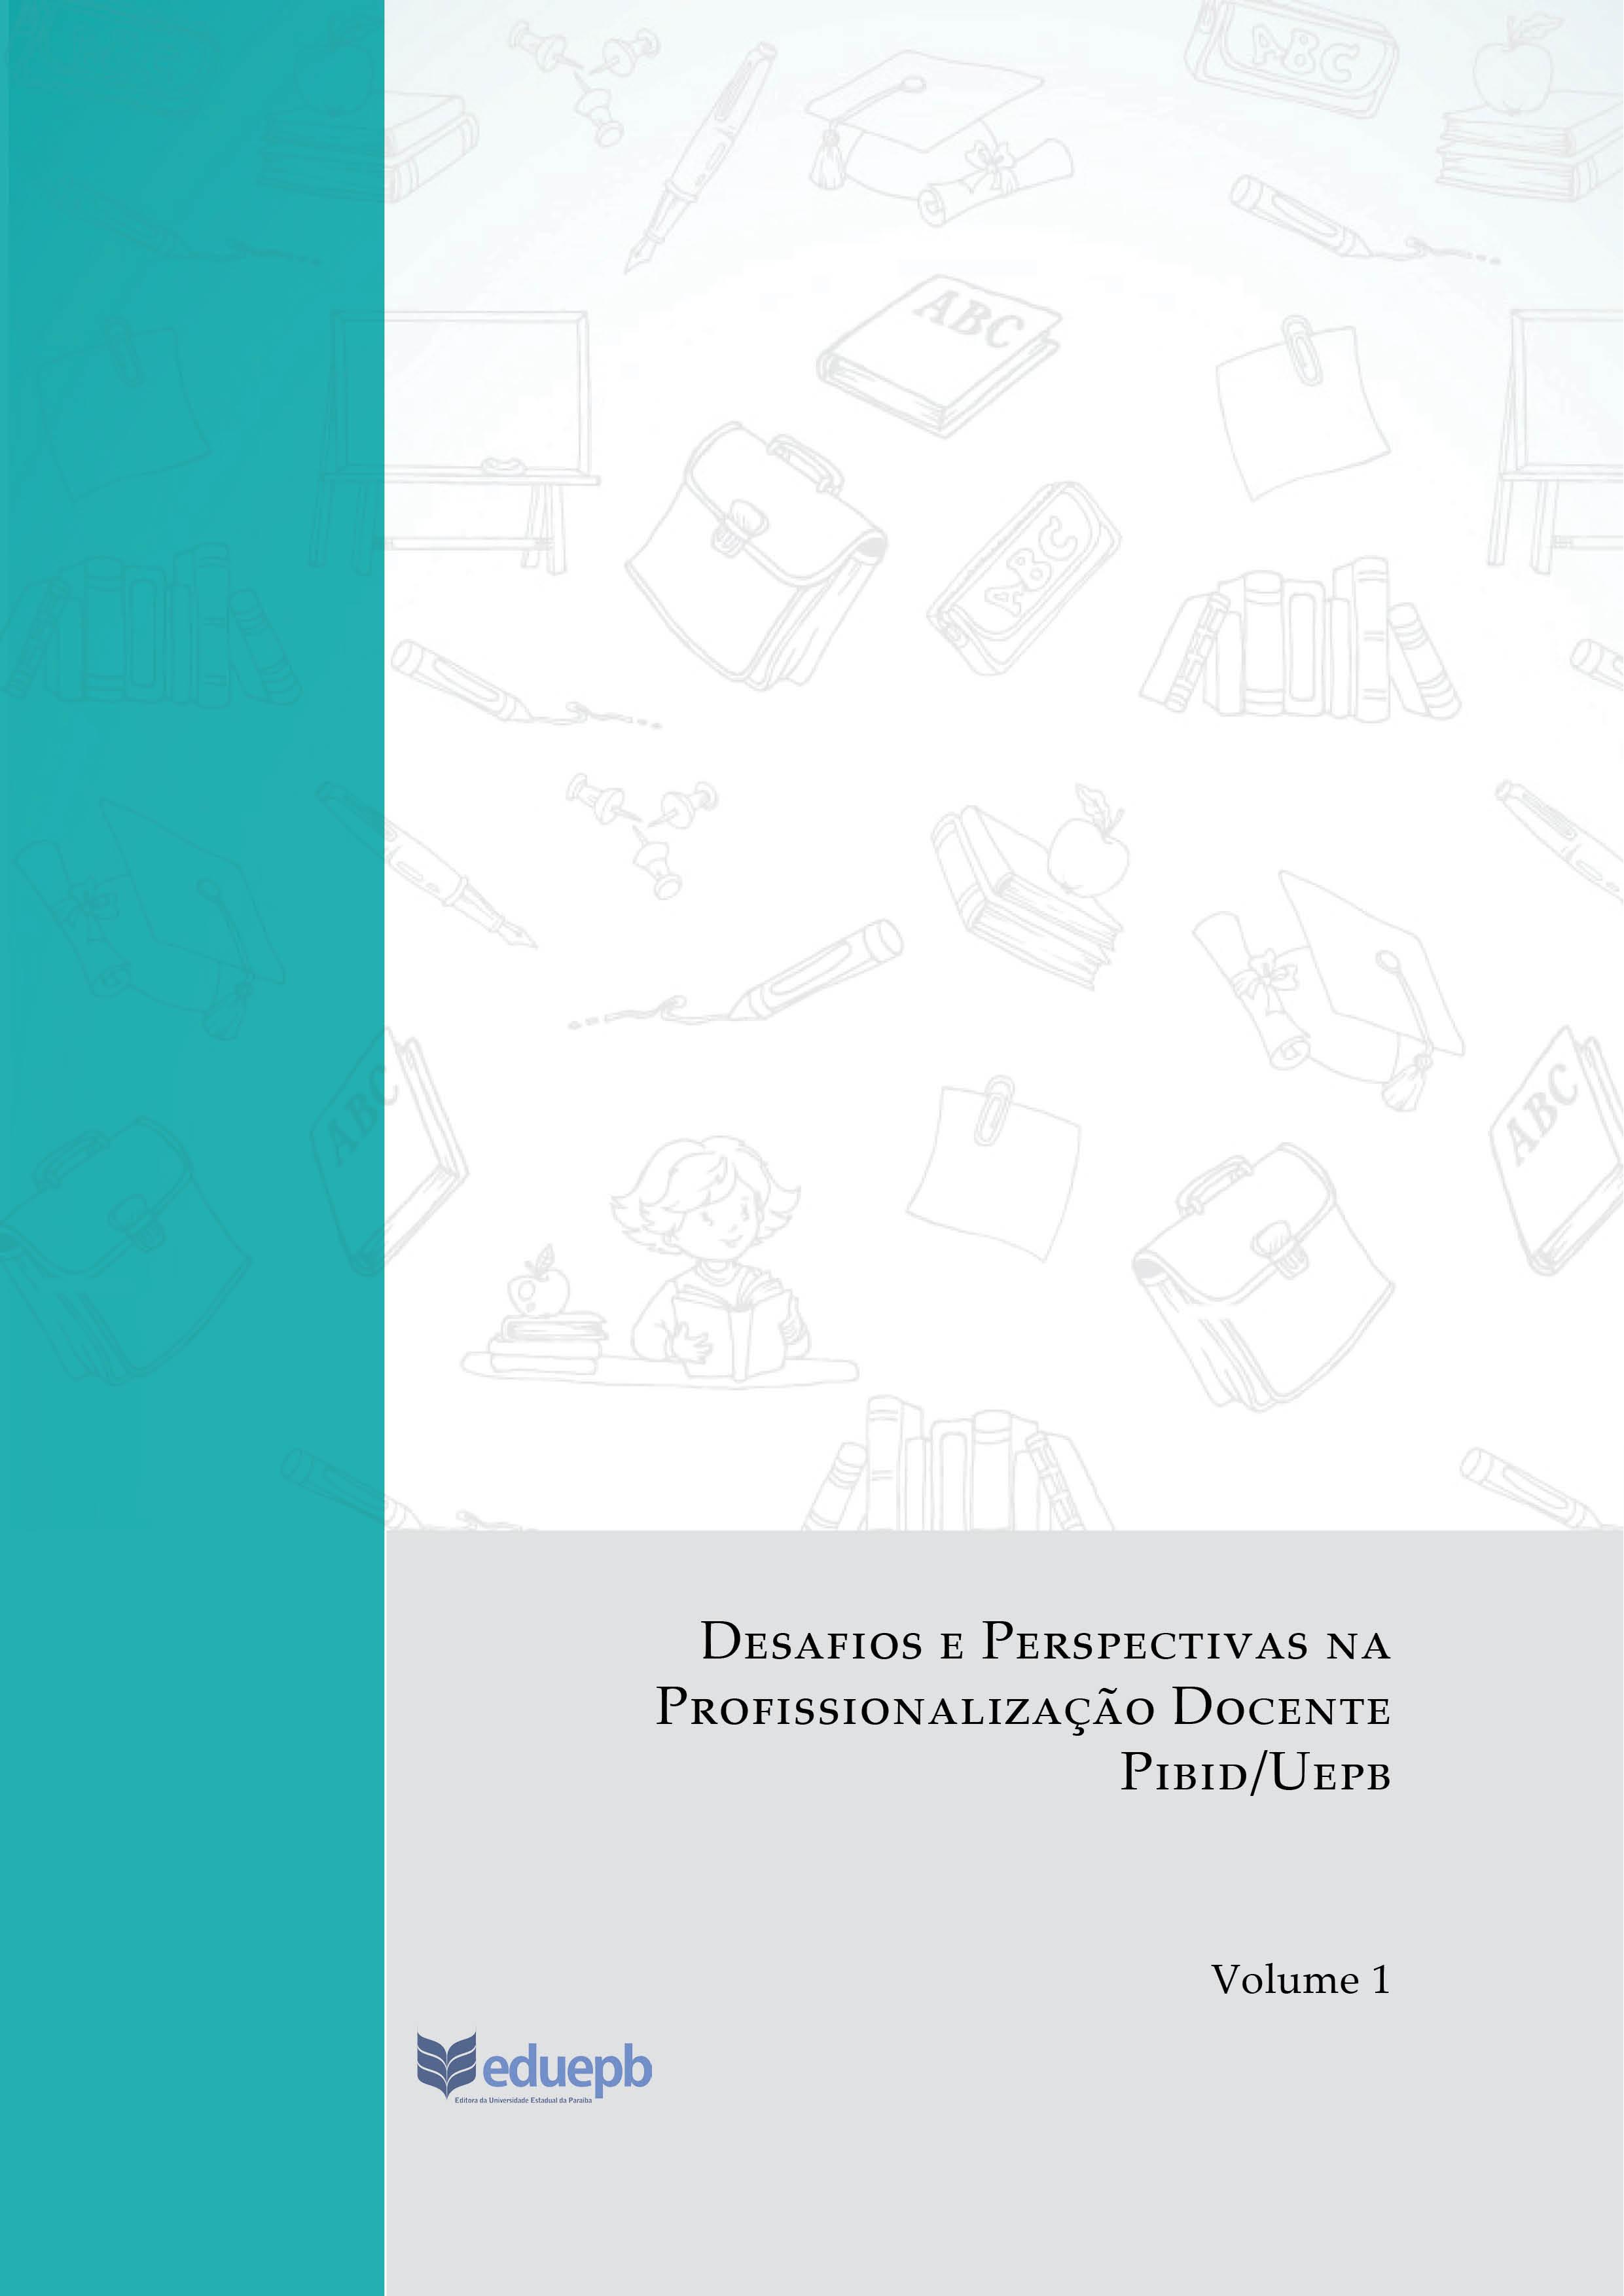 Desafios e Perspectivas na Profissionalização Docente Pibid/Uepb Volume 1